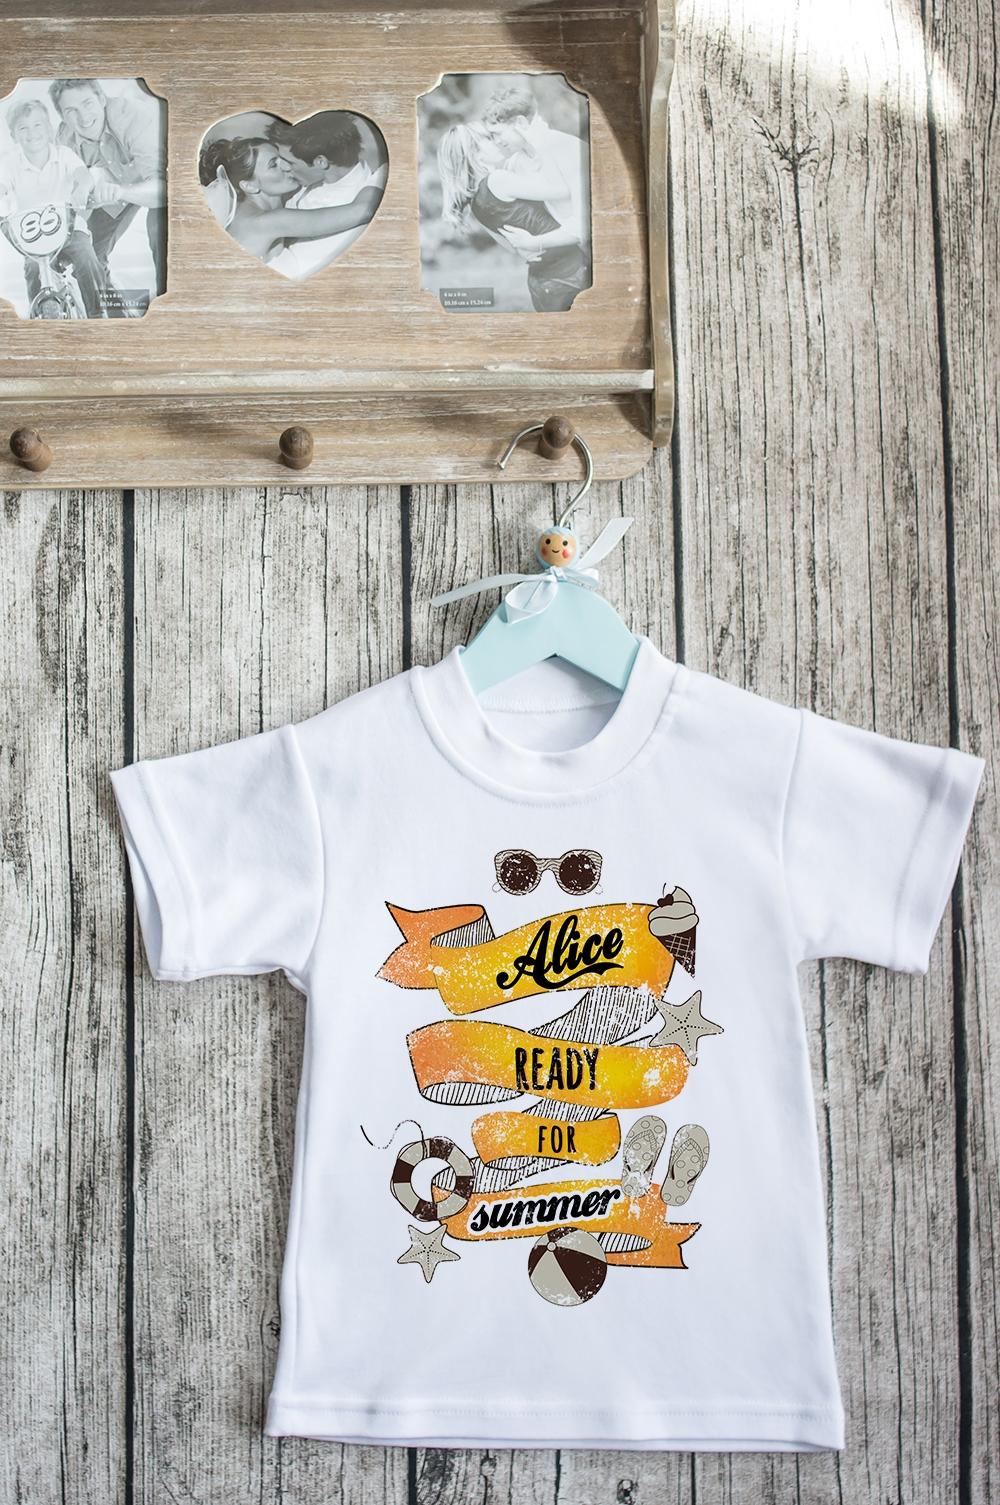 Футболка детская с вашим текстом Ready for SummerОригинальные и Необычные подарки<br>100% хлопок, белая, с нанесением текста. Товар является маломерным<br>